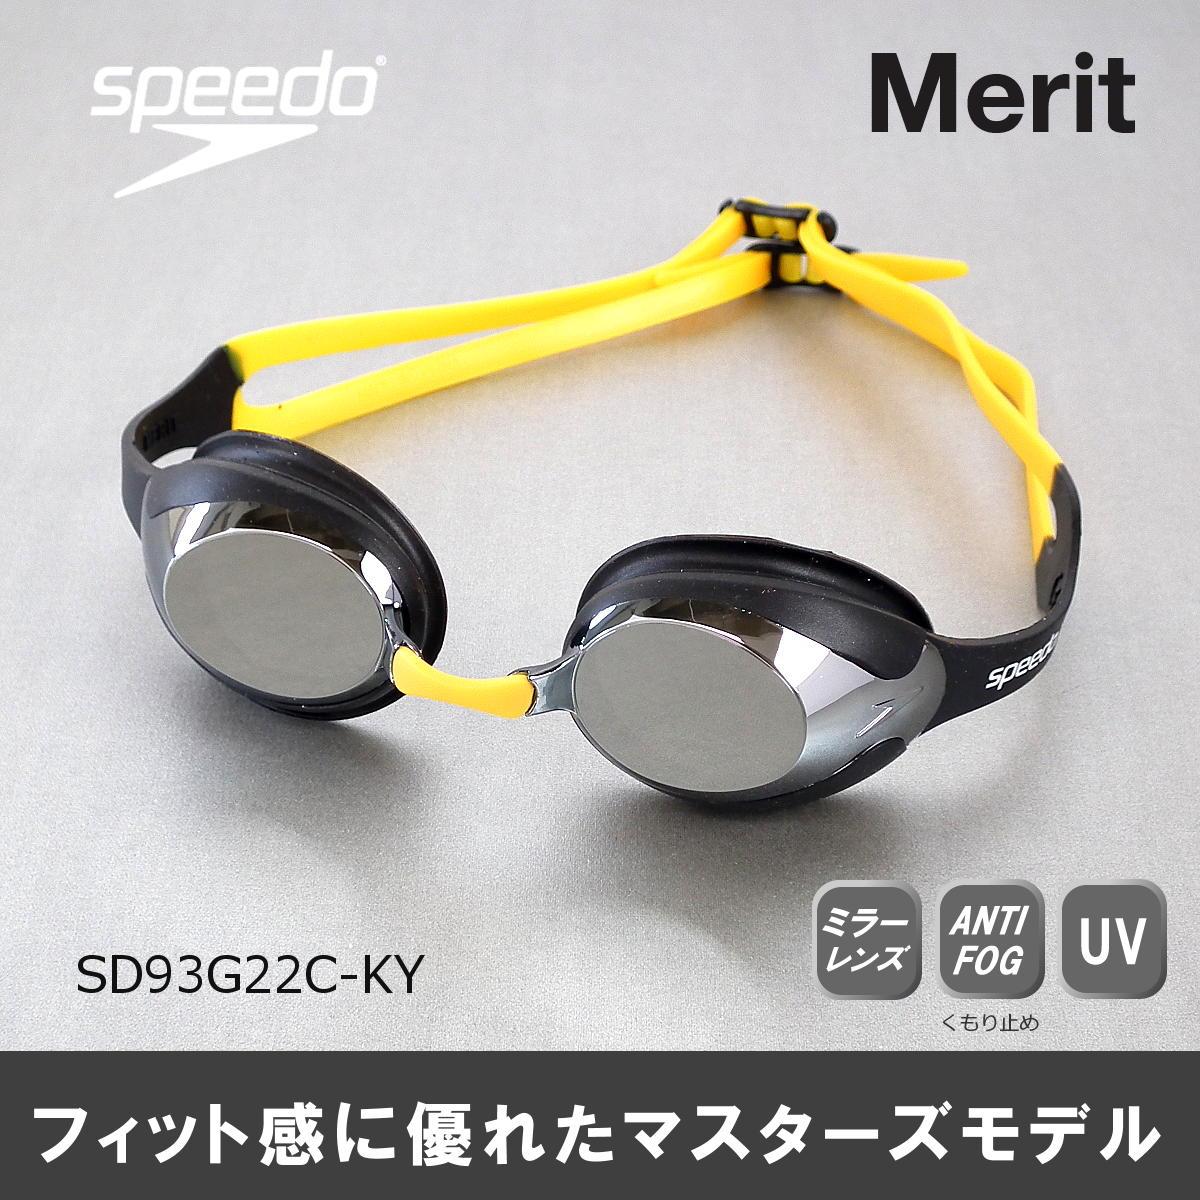 【スイムゴーグル】SPEEDO スピード クッション付き スイミングゴーグル ミラータイプ MERIT メリット 水泳 SD93G22C-KY